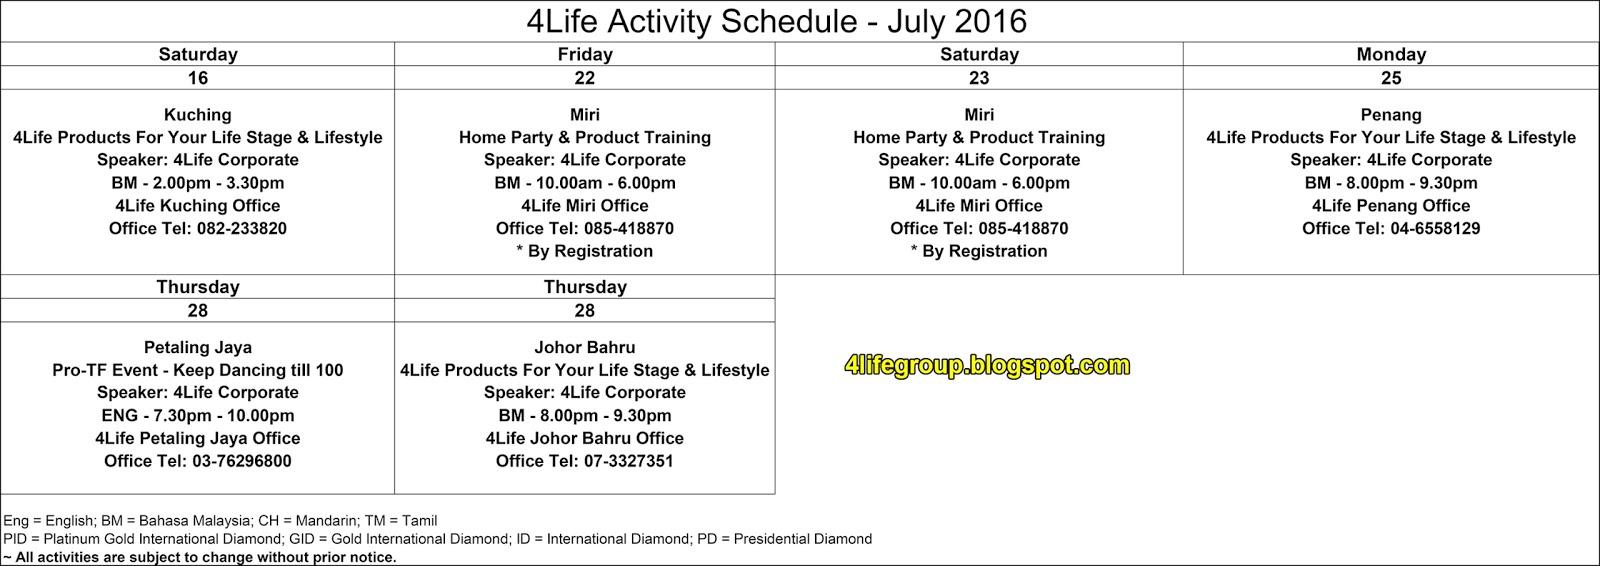 foto Jadual Aktiviti Bulanan Julai 2016 4Life Malaysia